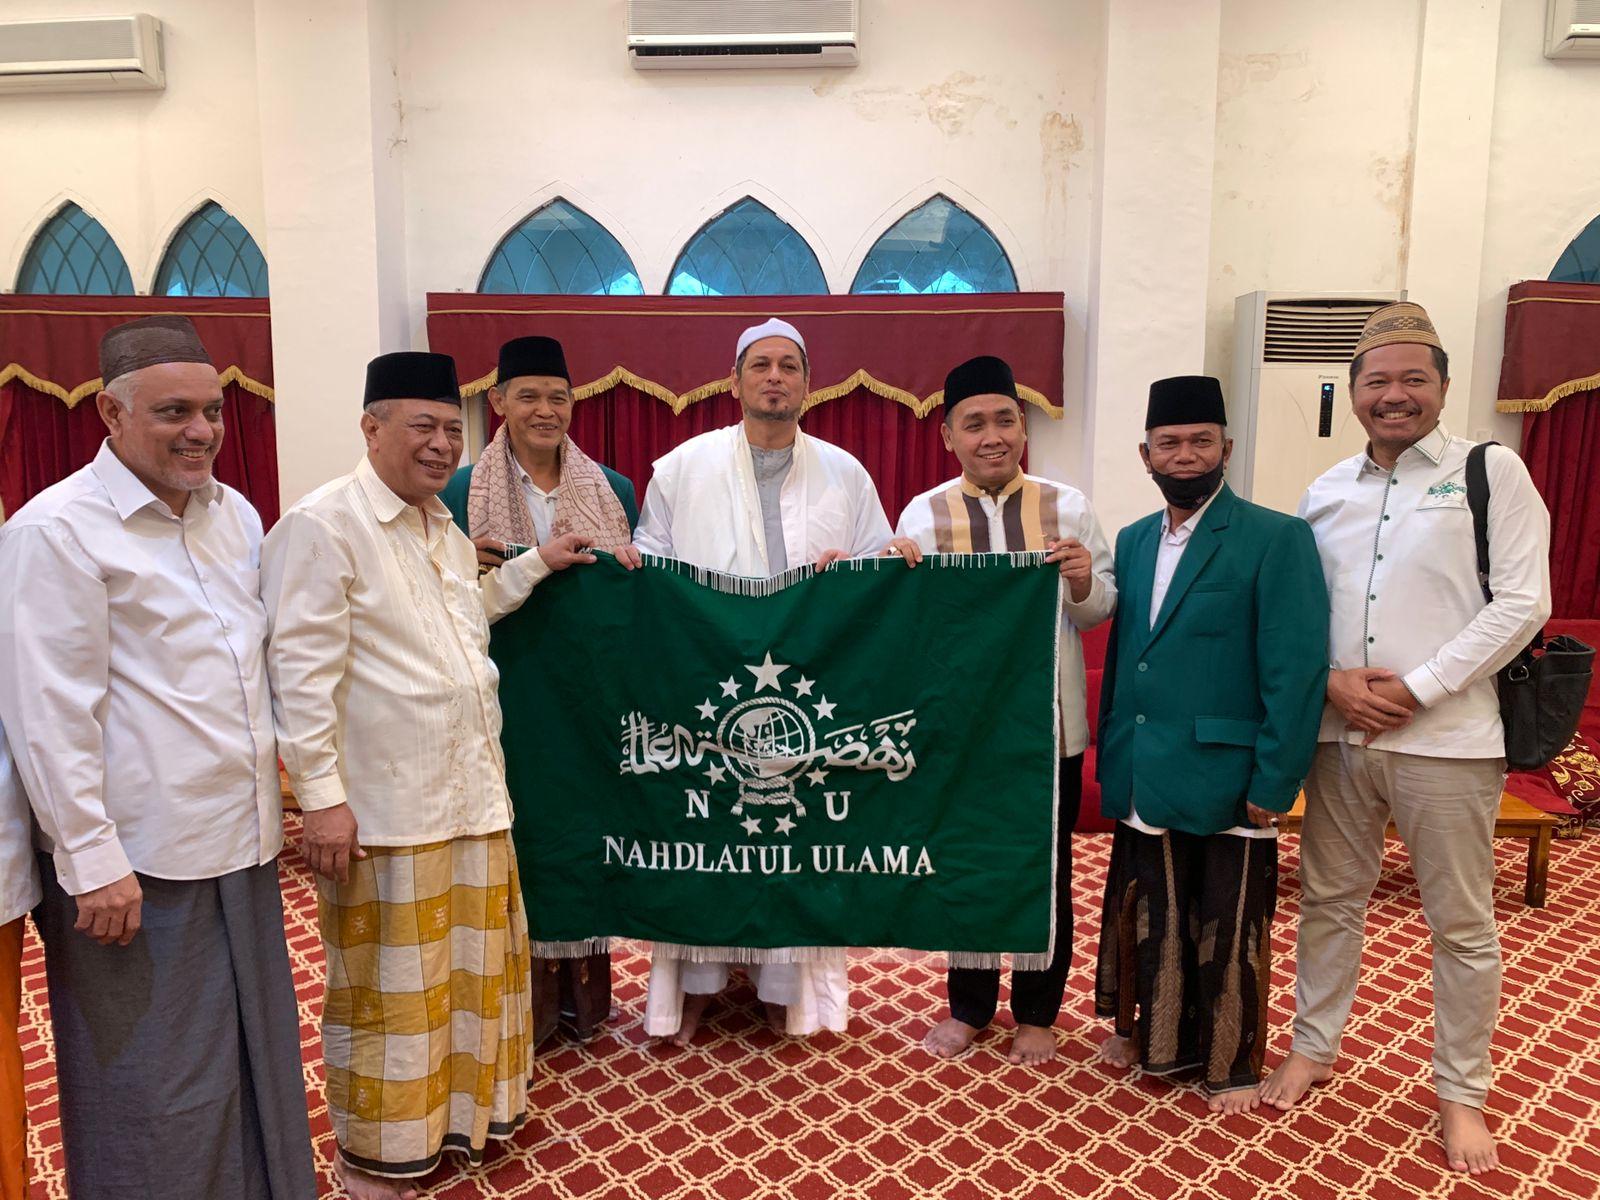 Habib Ali Kwitang